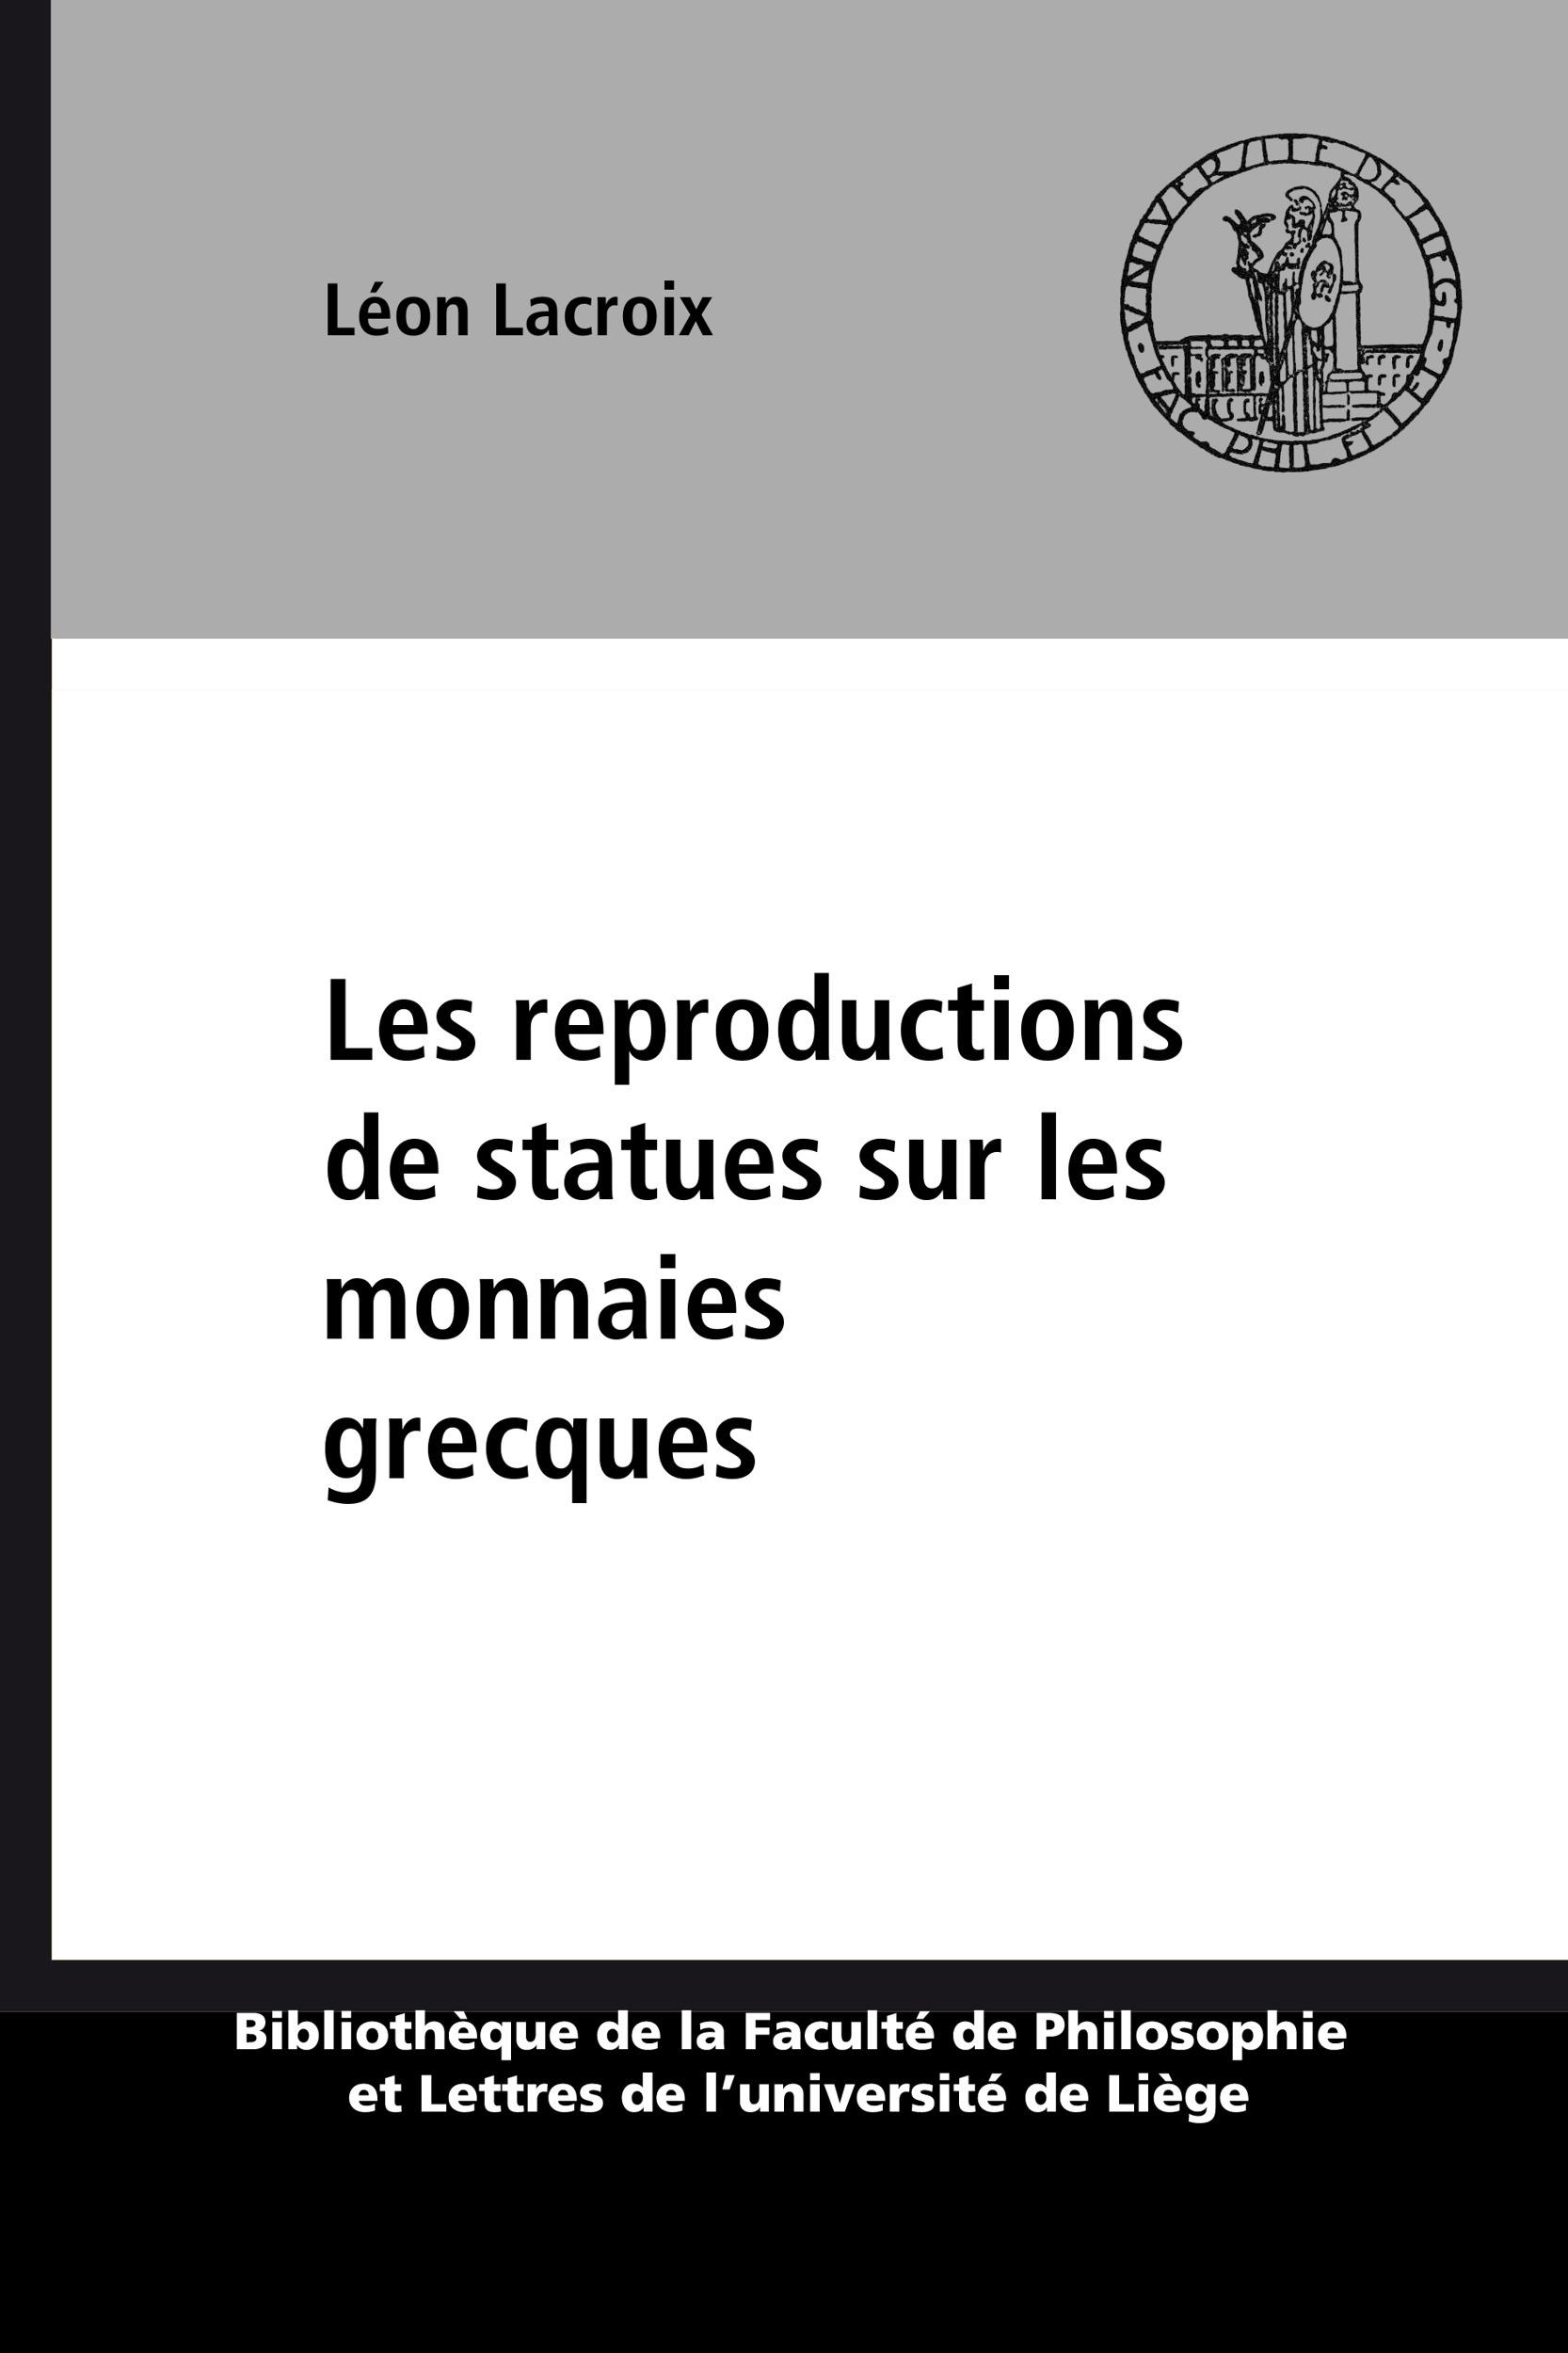 Les reproductions de statues sur les monnaies grecques